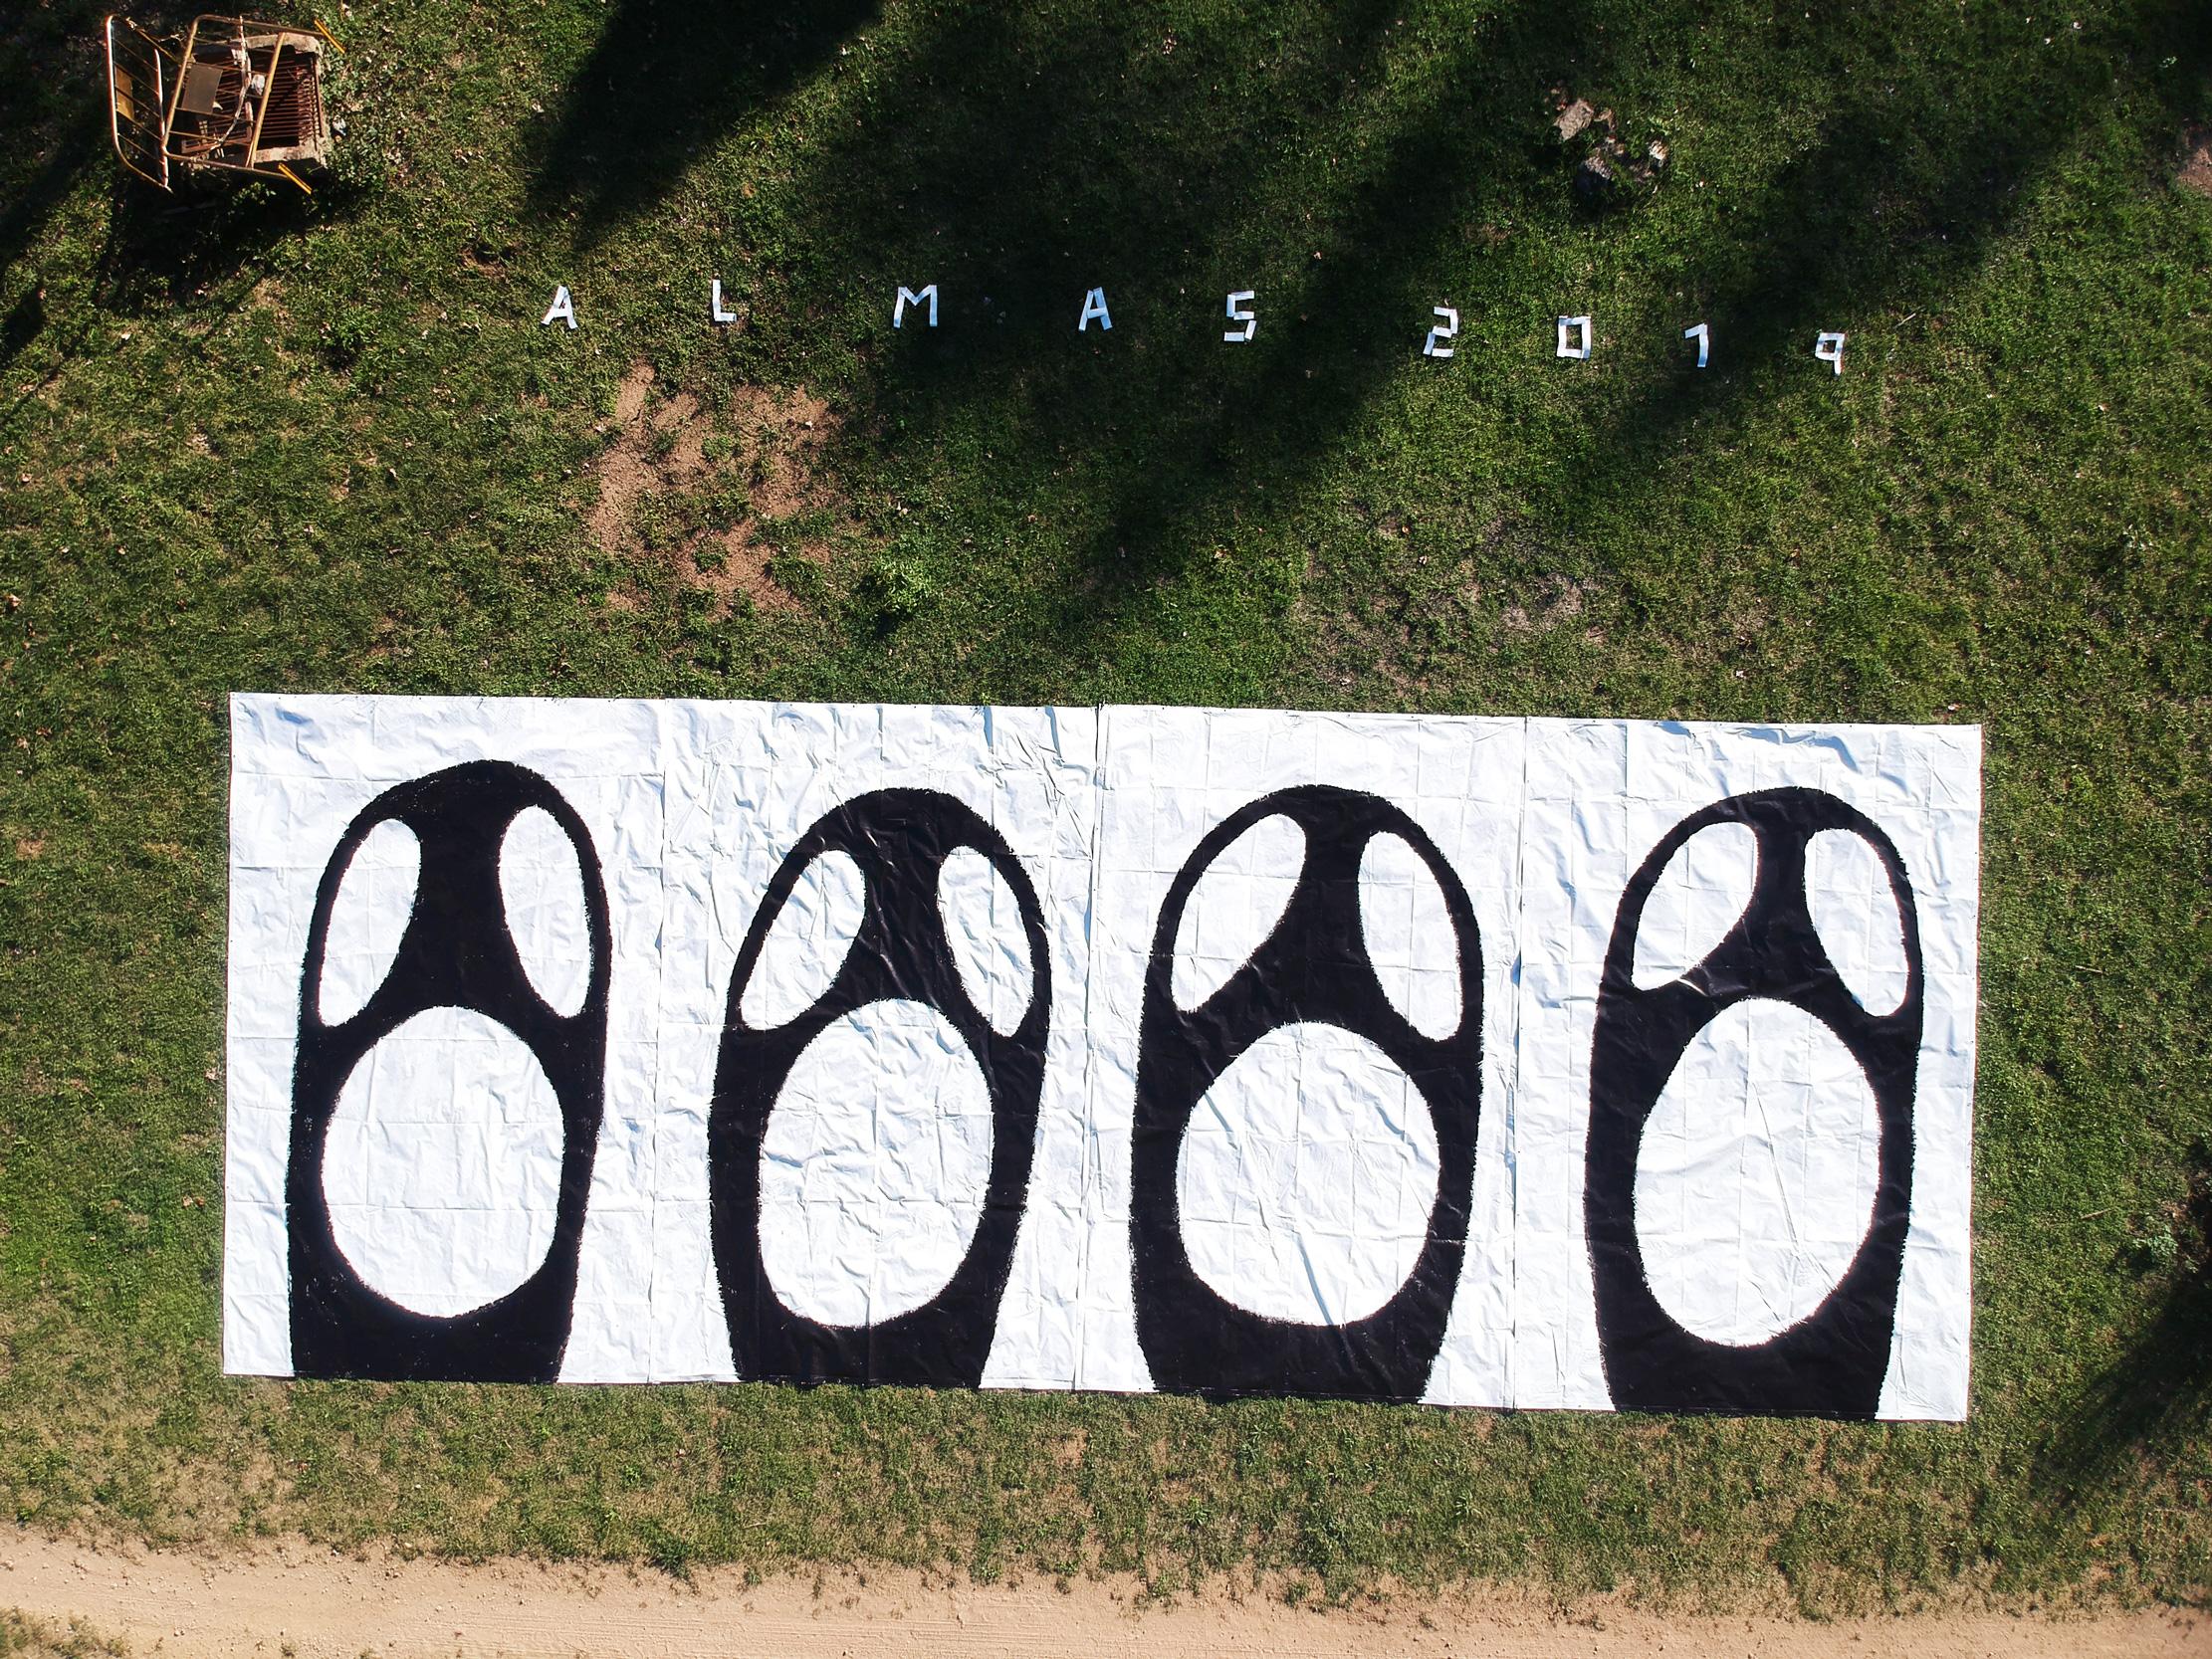 arte urbano almas 172, Barcelona